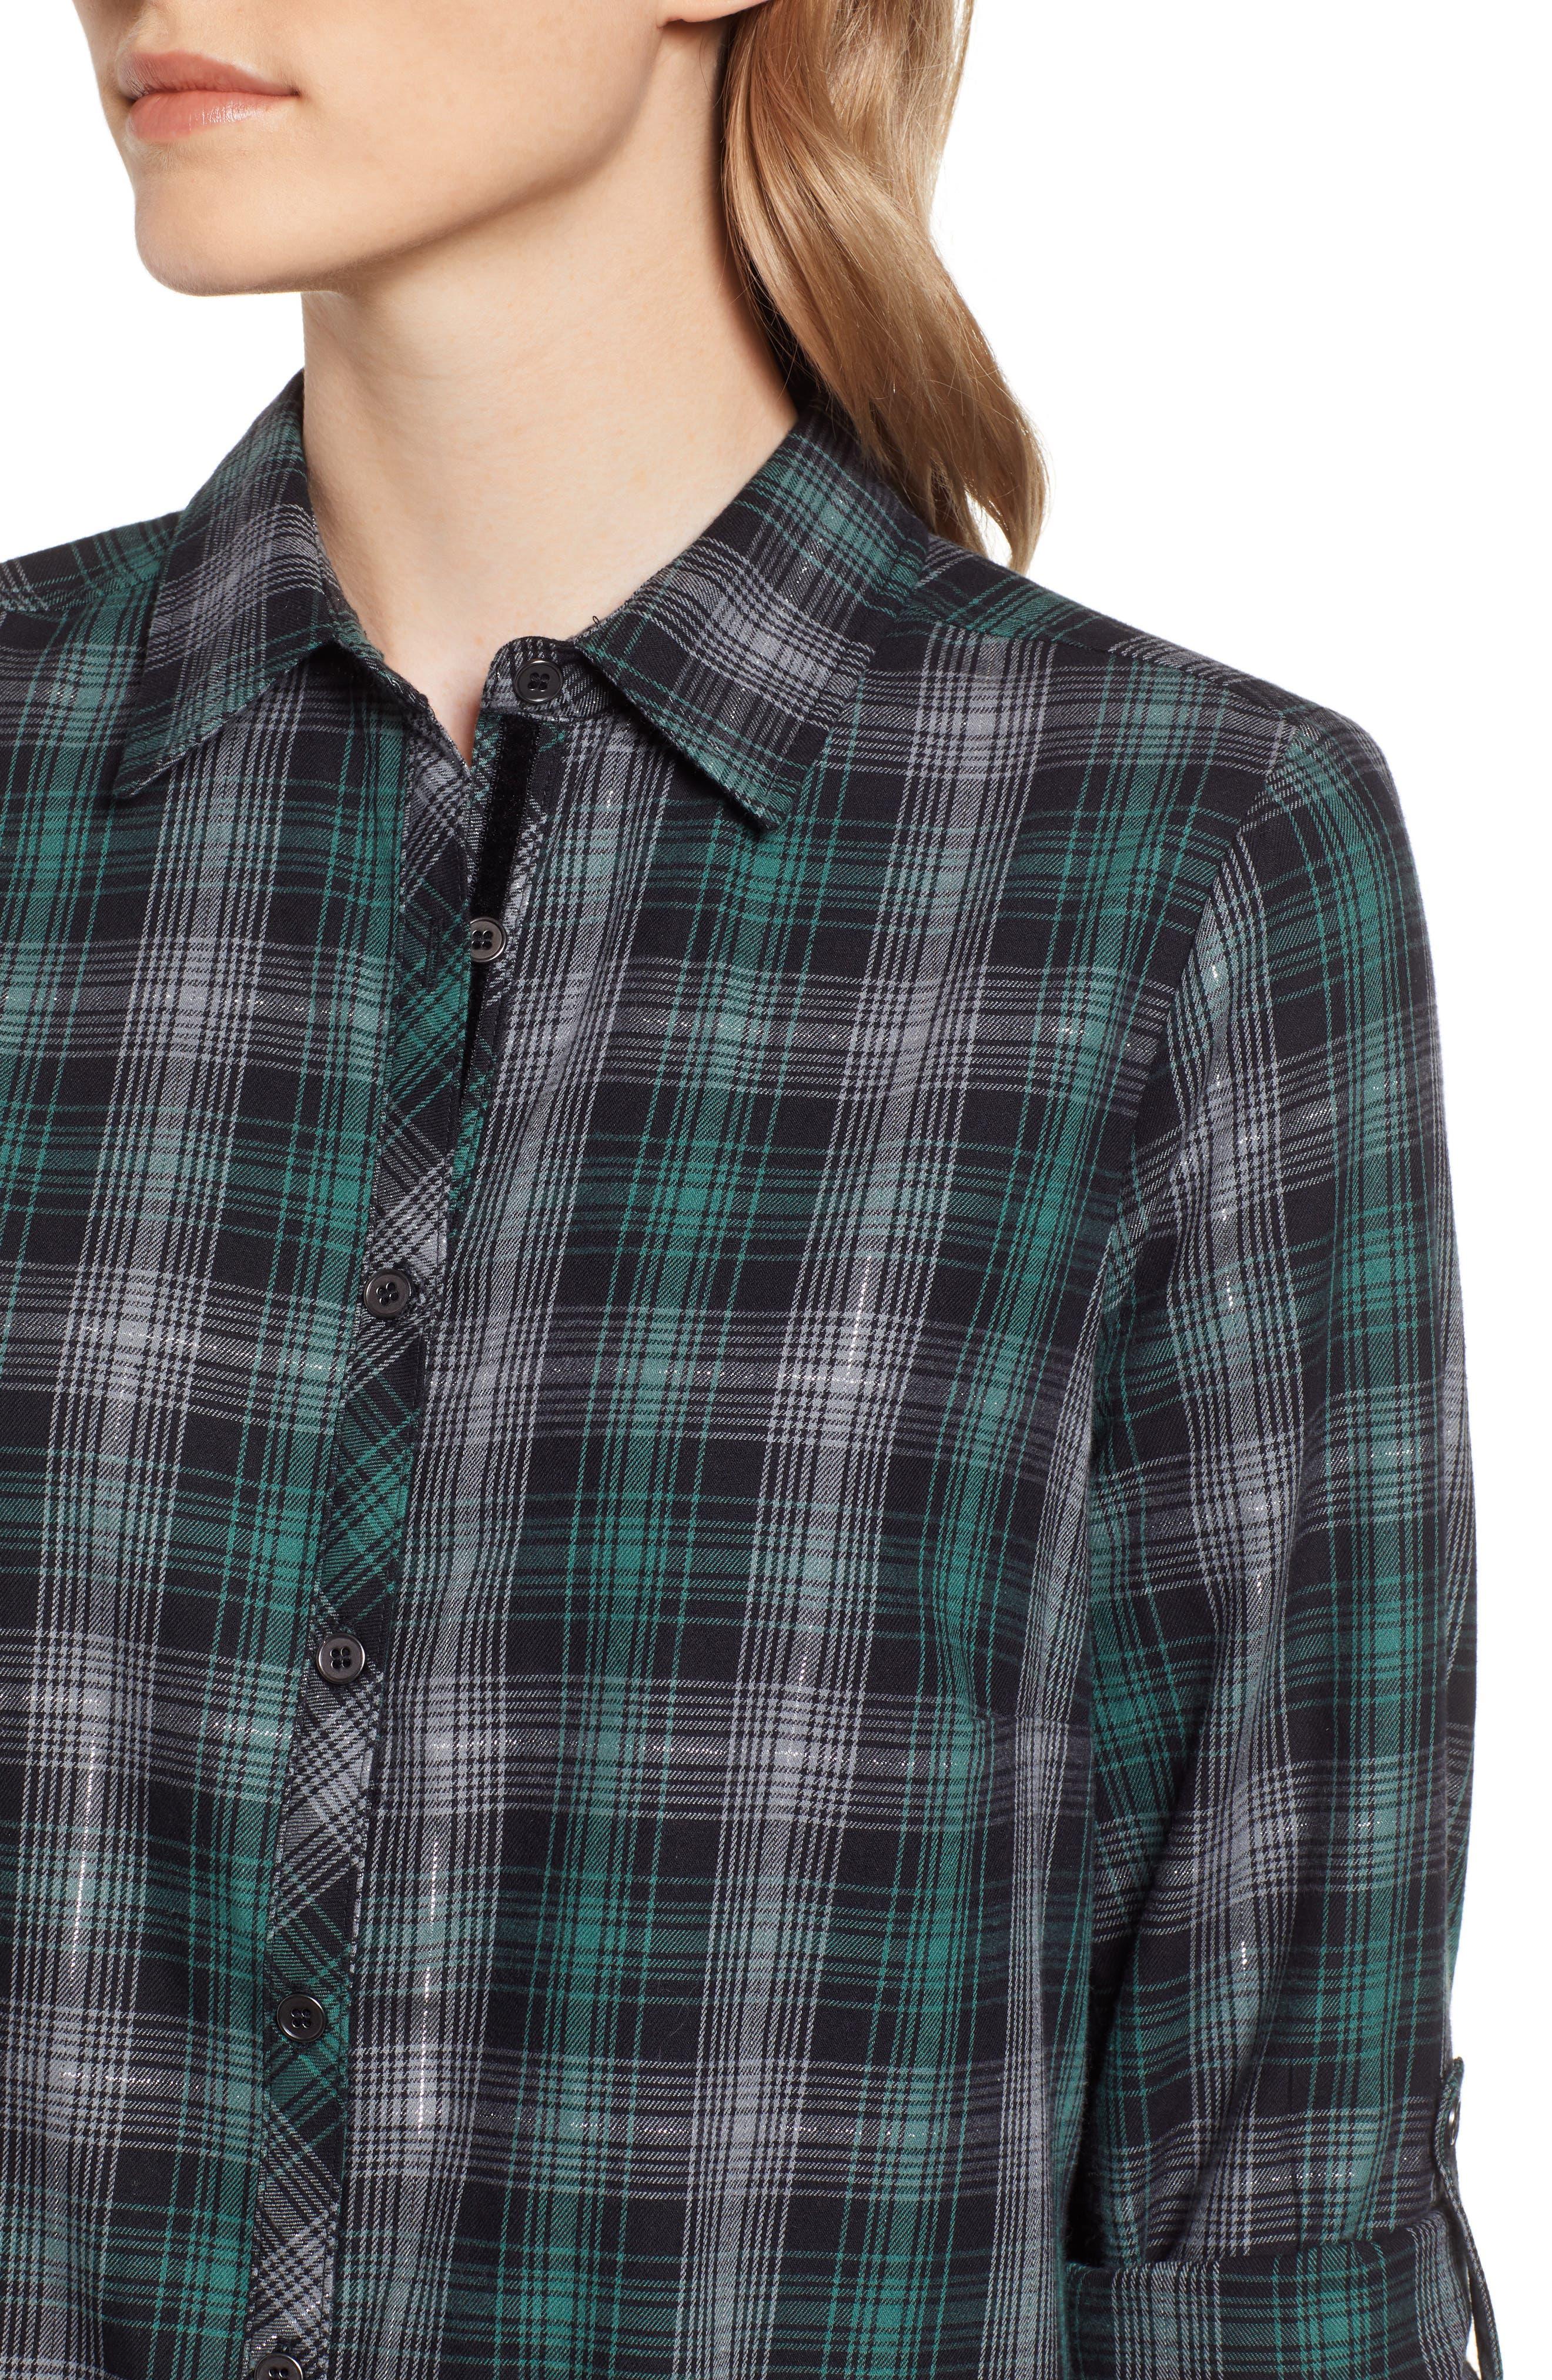 Plaid & Embroidered Velvet Shirt,                             Alternate thumbnail 4, color,                             GREEN/ GREY